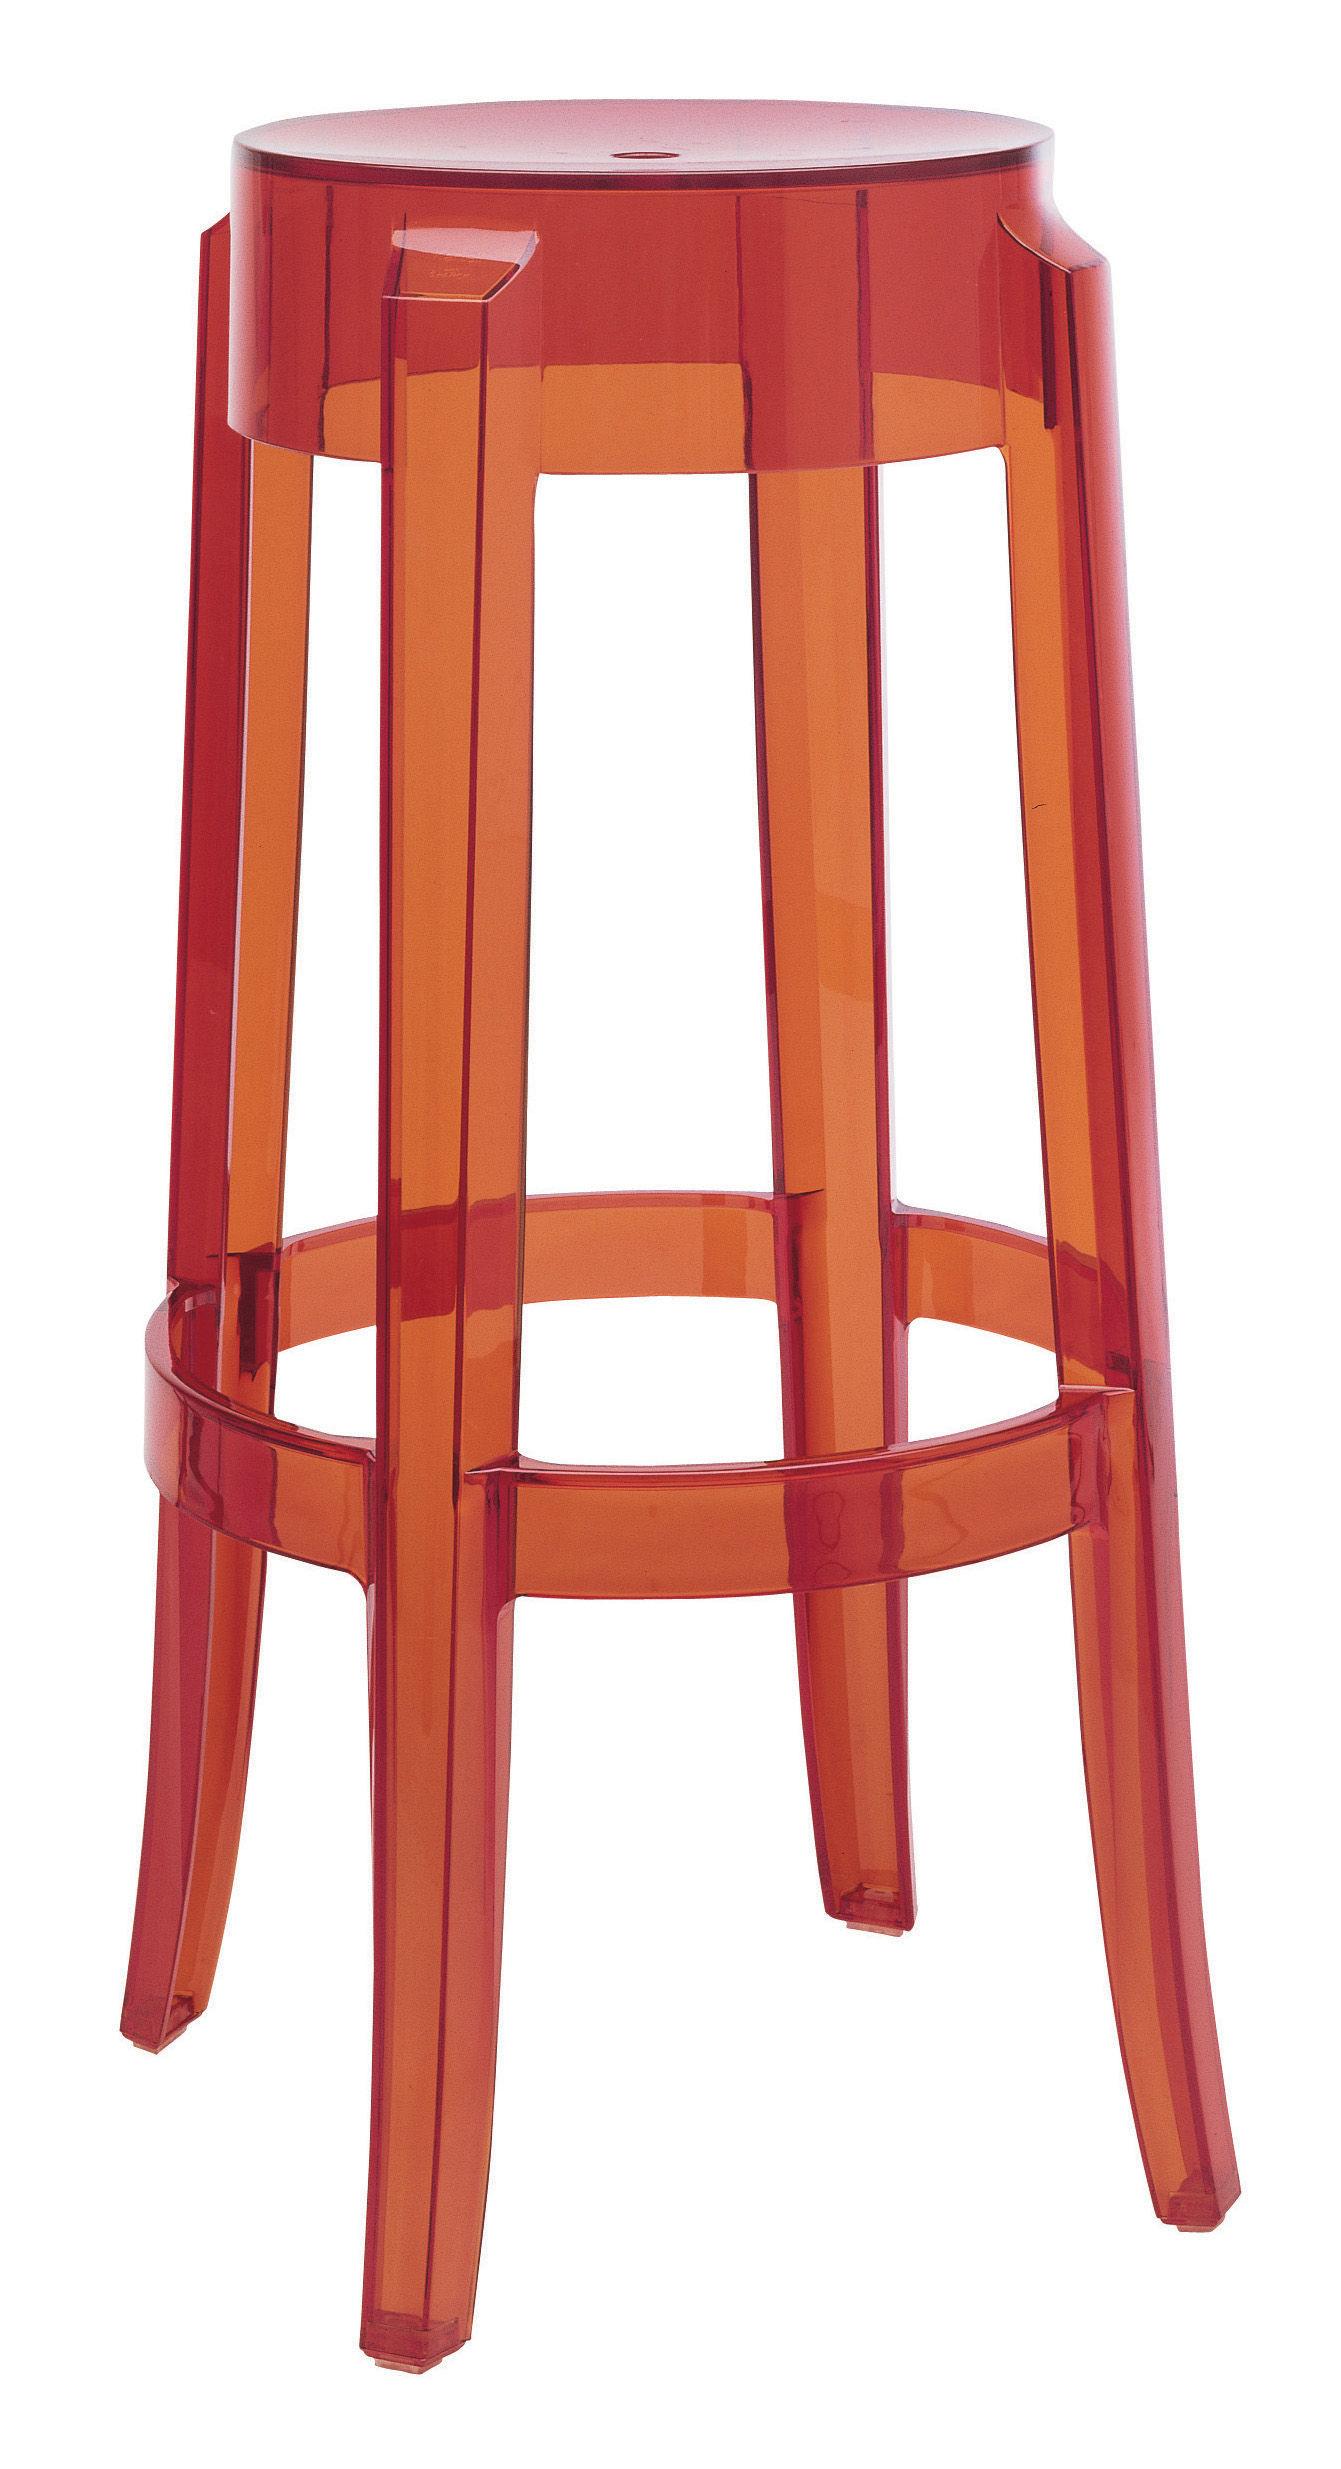 Arredamento - Sgabelli da bar  - Sgabello alto impilabile Charles Ghost - h 75 cm di Kartell - Arancione - policarbonato